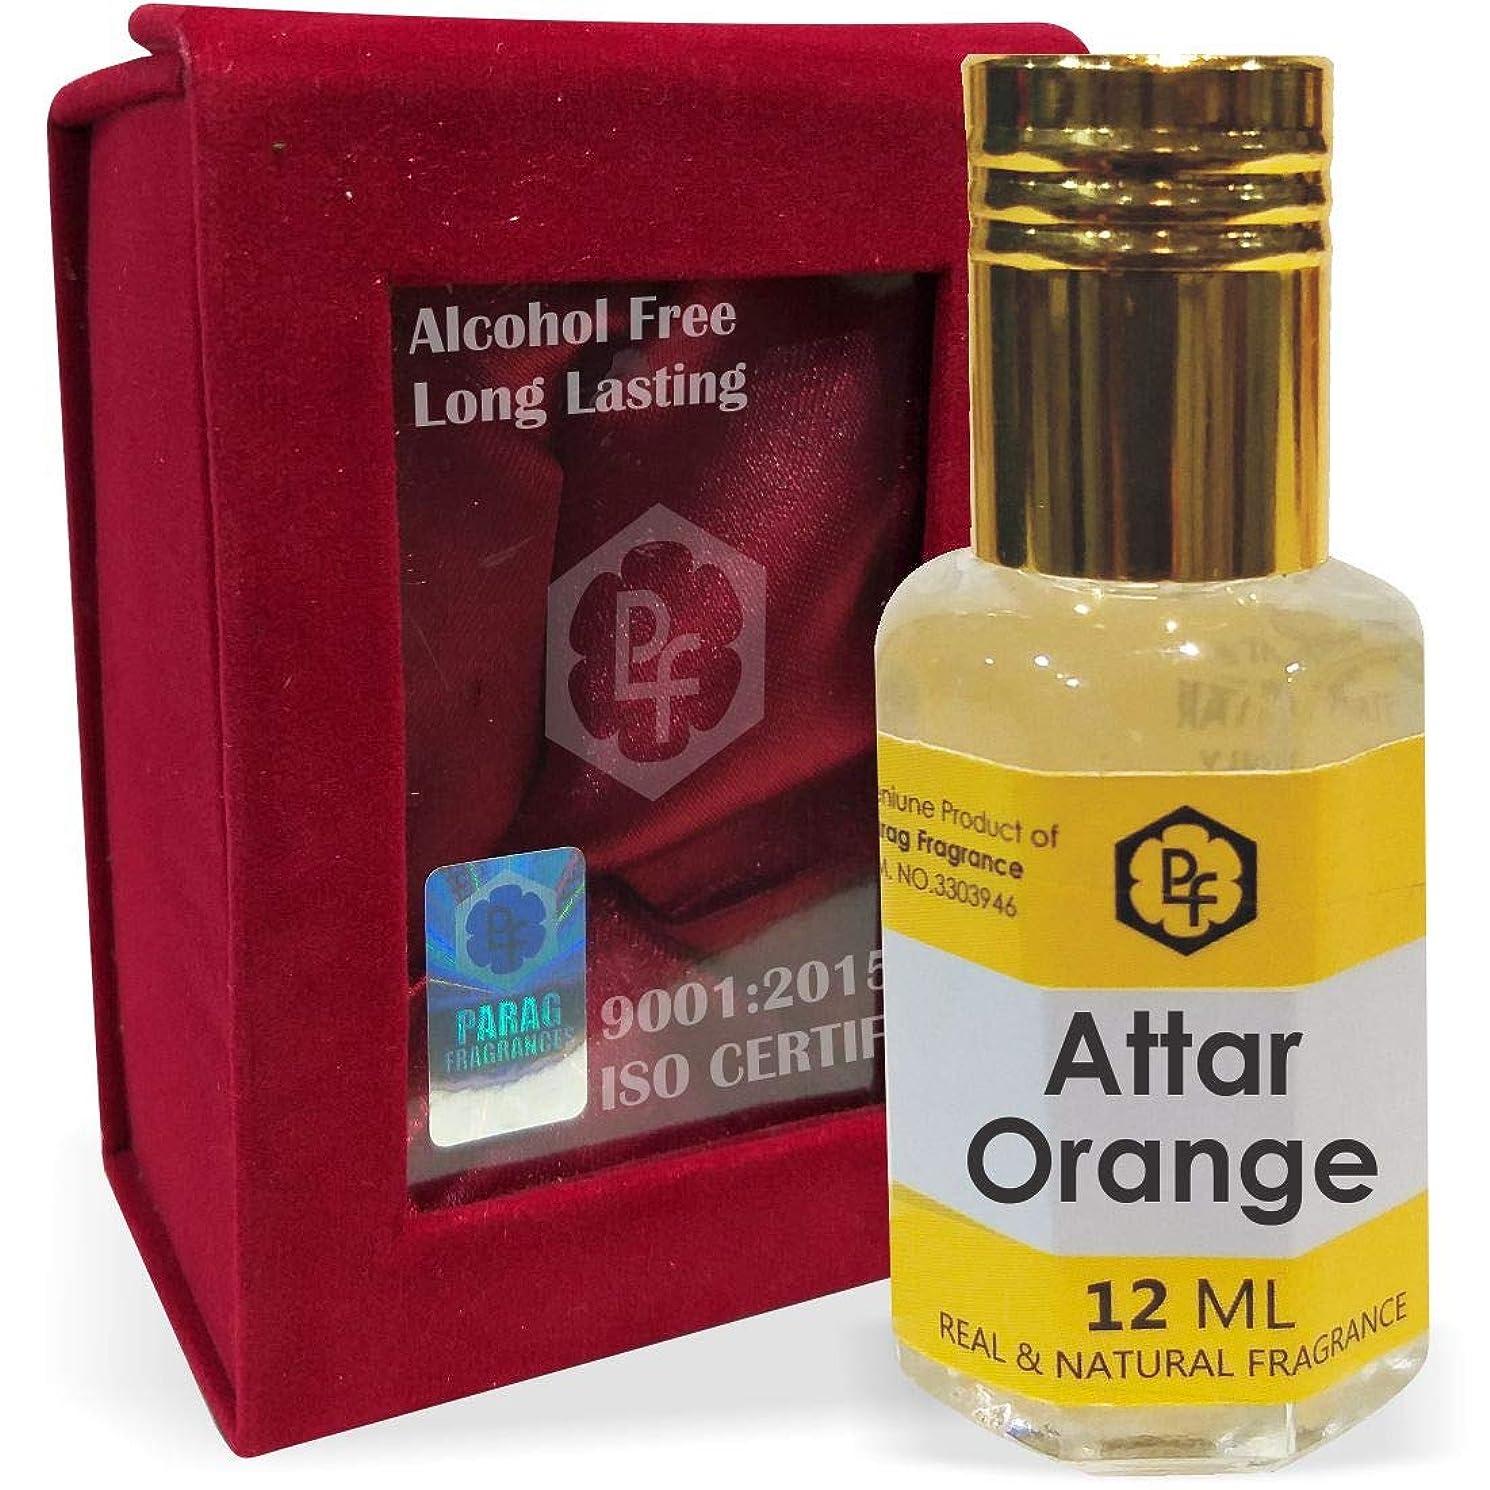 想像する偽装するピニオン手作りのベルベットボックスParagフレグランスオレンジ12ミリリットルアター/香油/(インドの伝統的なBhapka処理方法により、インド製)フレグランスオイル|アターITRA最高の品質長持ち